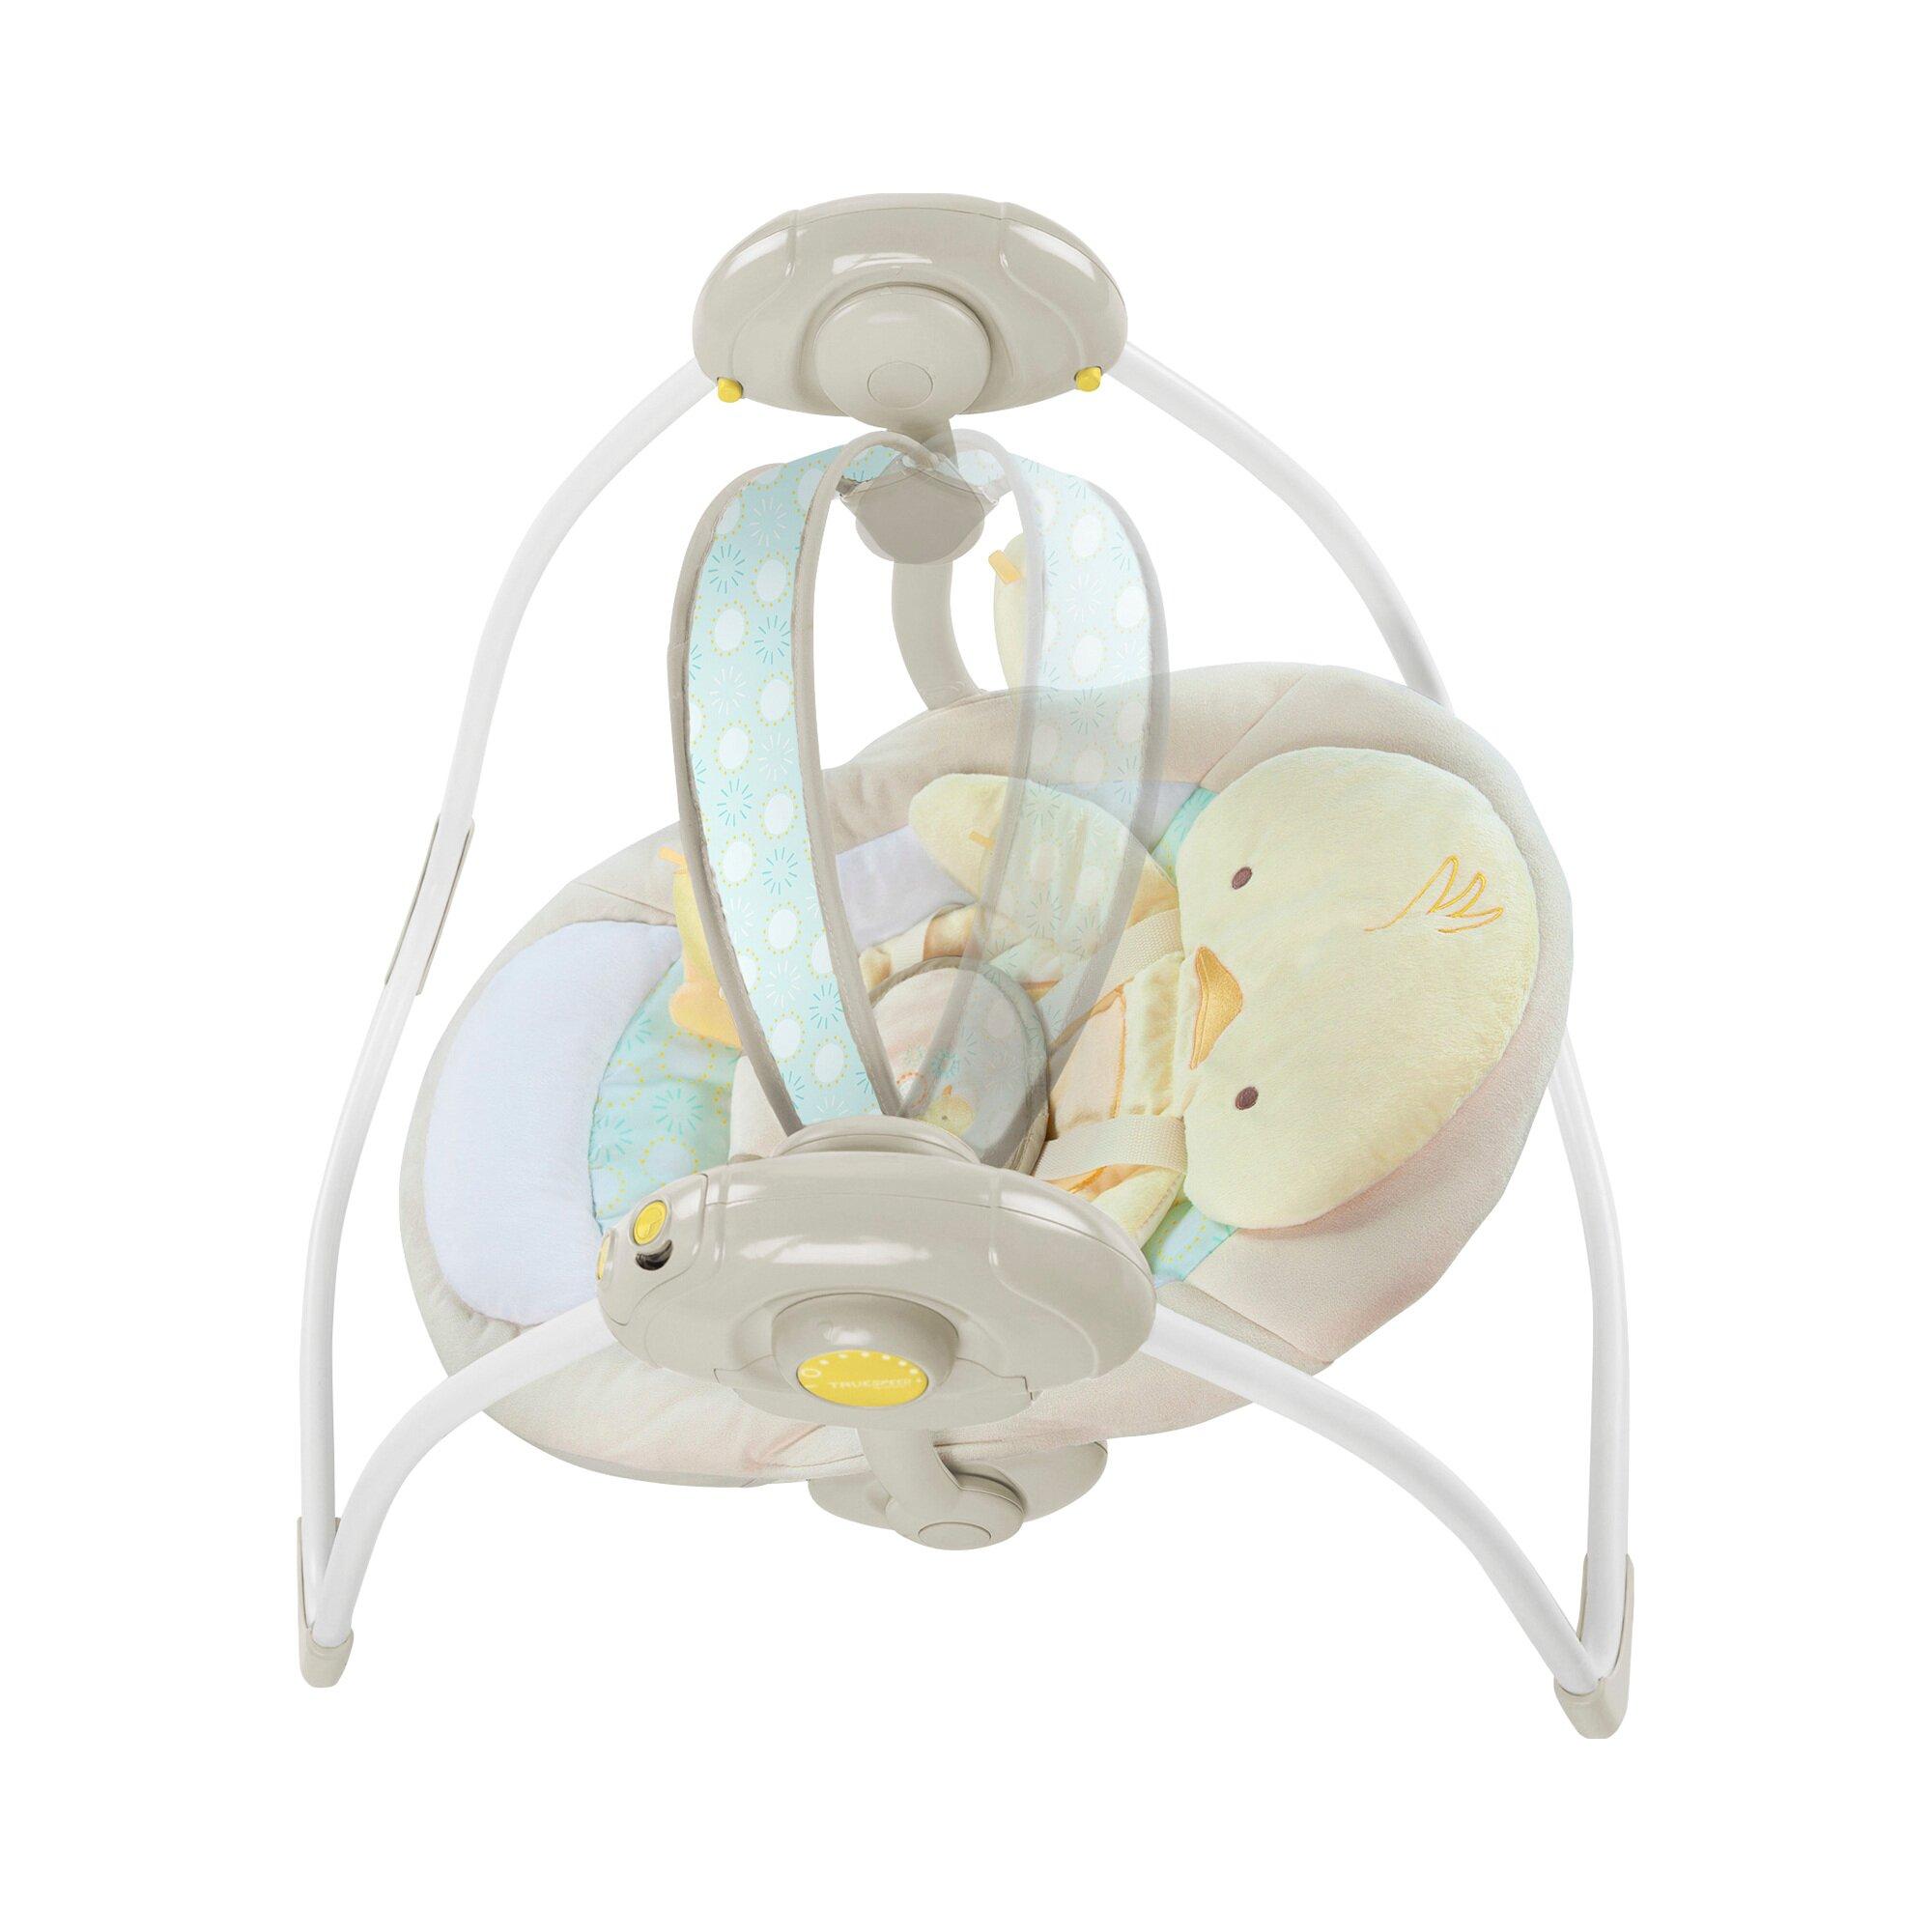 ingenuity-babyschaukel-soothe-n-delight-portable-swing-, 94.99 EUR @ babywalz-de